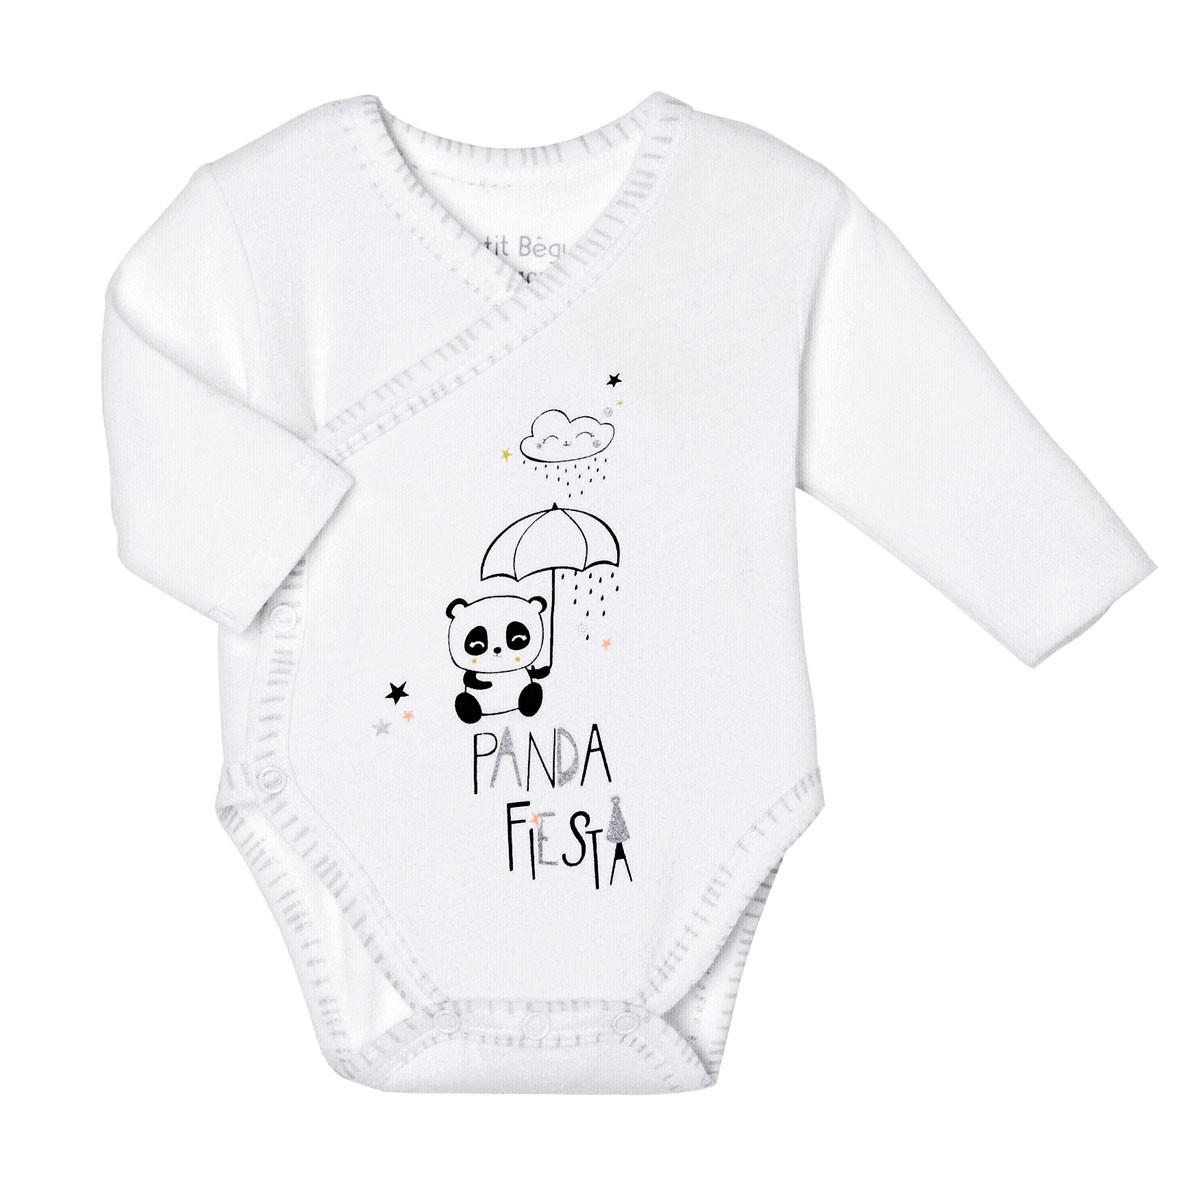 Lot de 2 bodies bébé mixte croisés manches longues Little Panda blanc